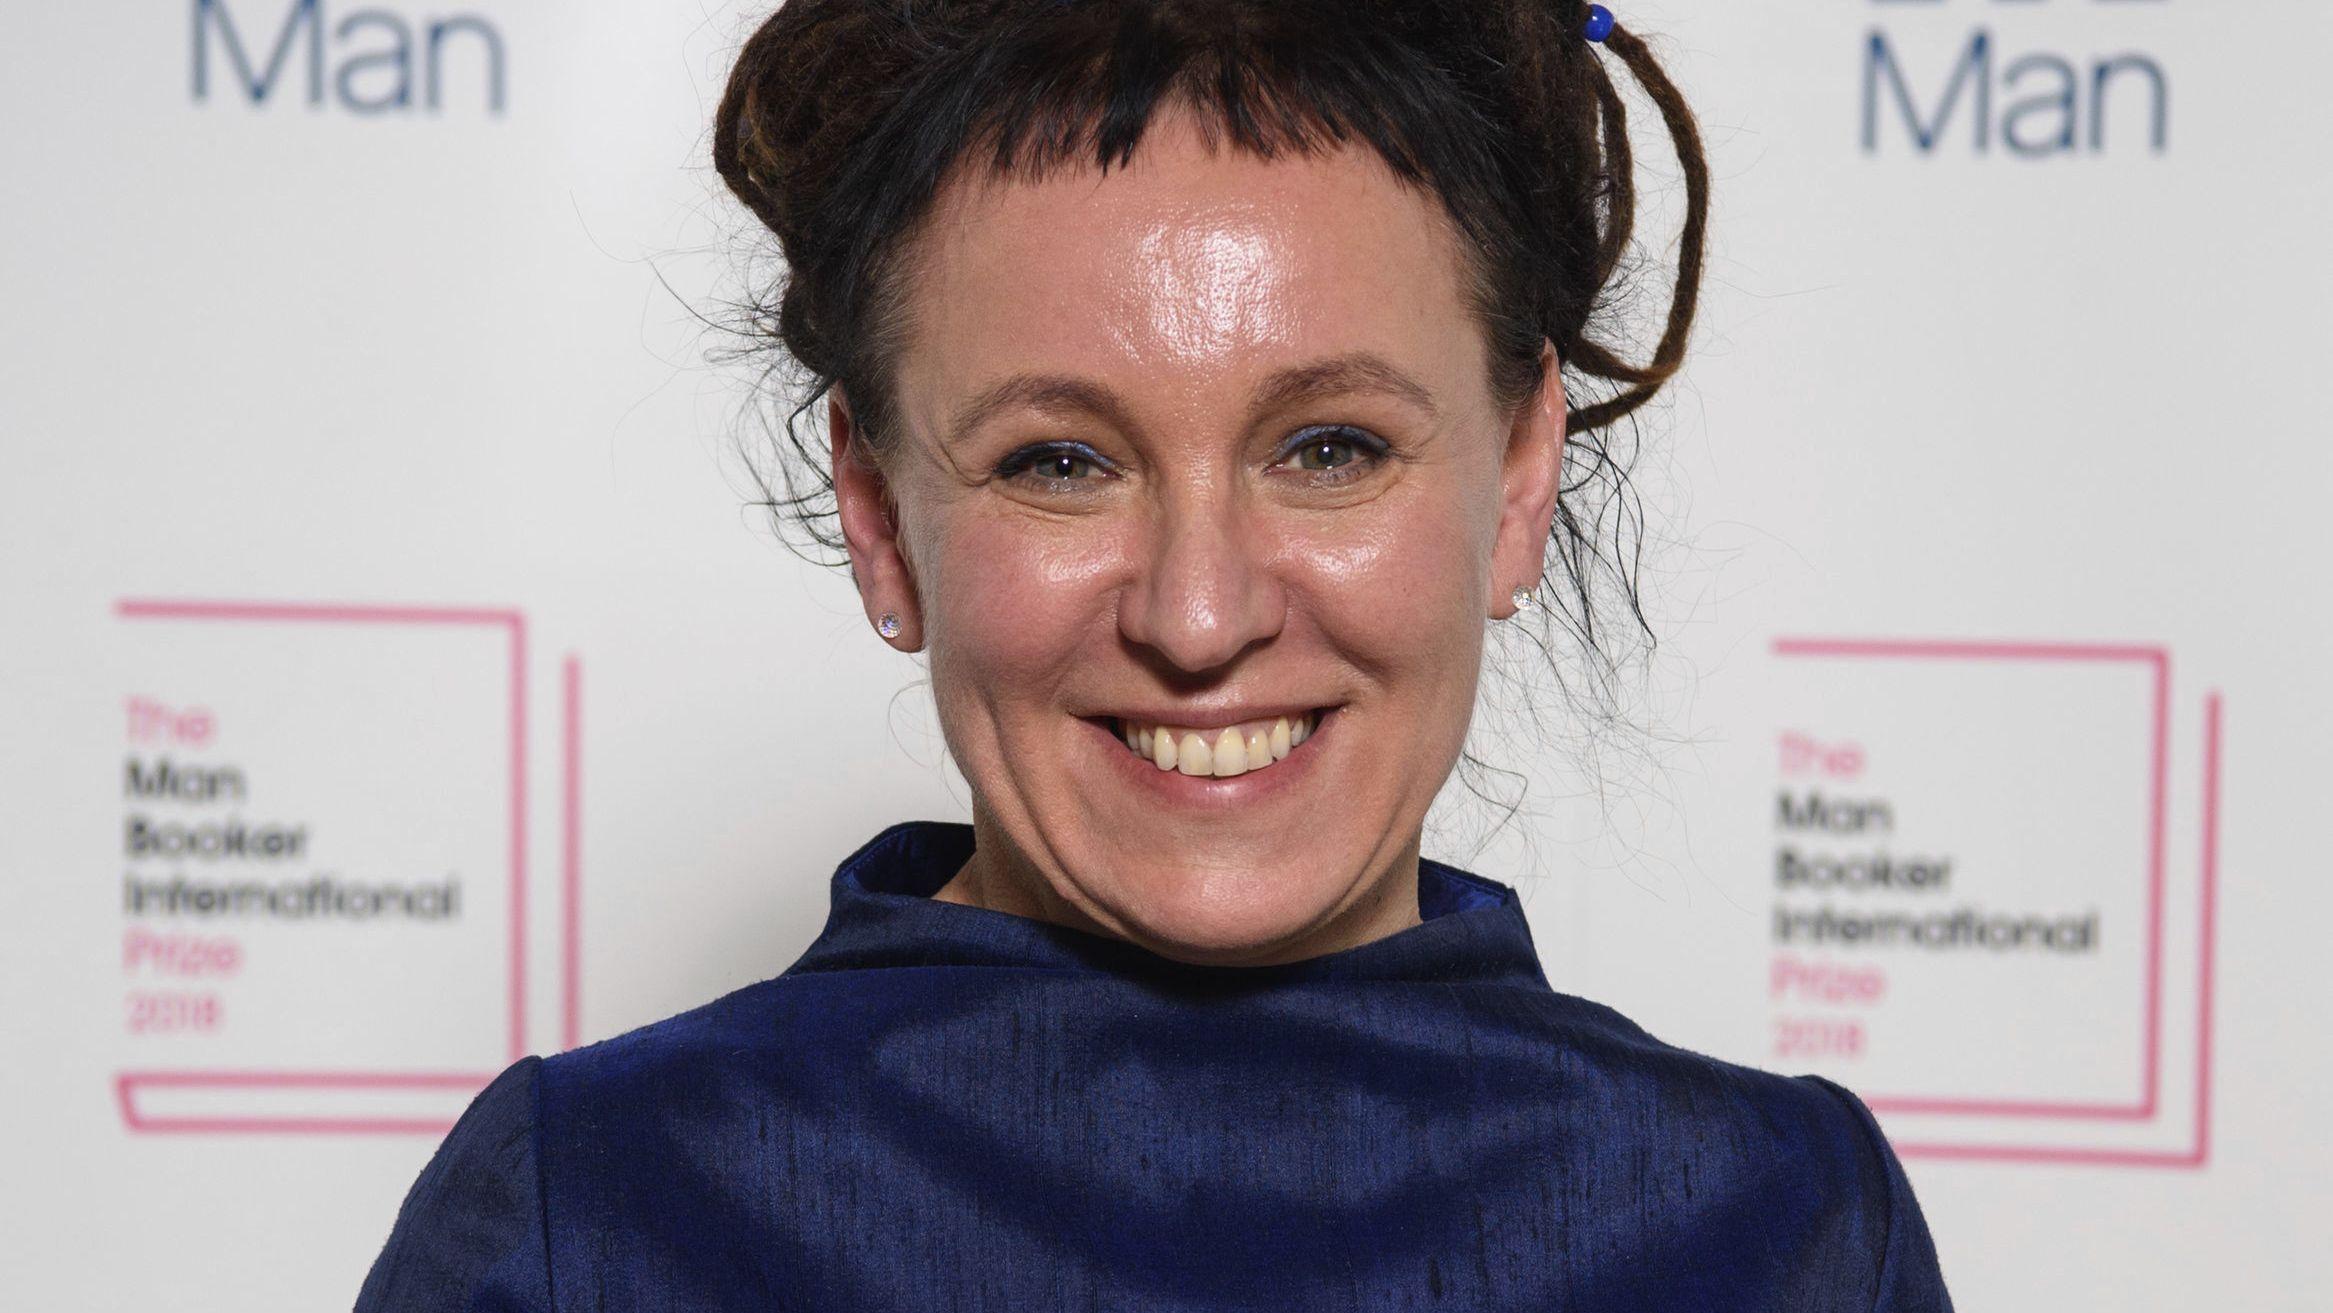 Die Literaturnobelpreisträgerin 2018 Olga Tokarczuk